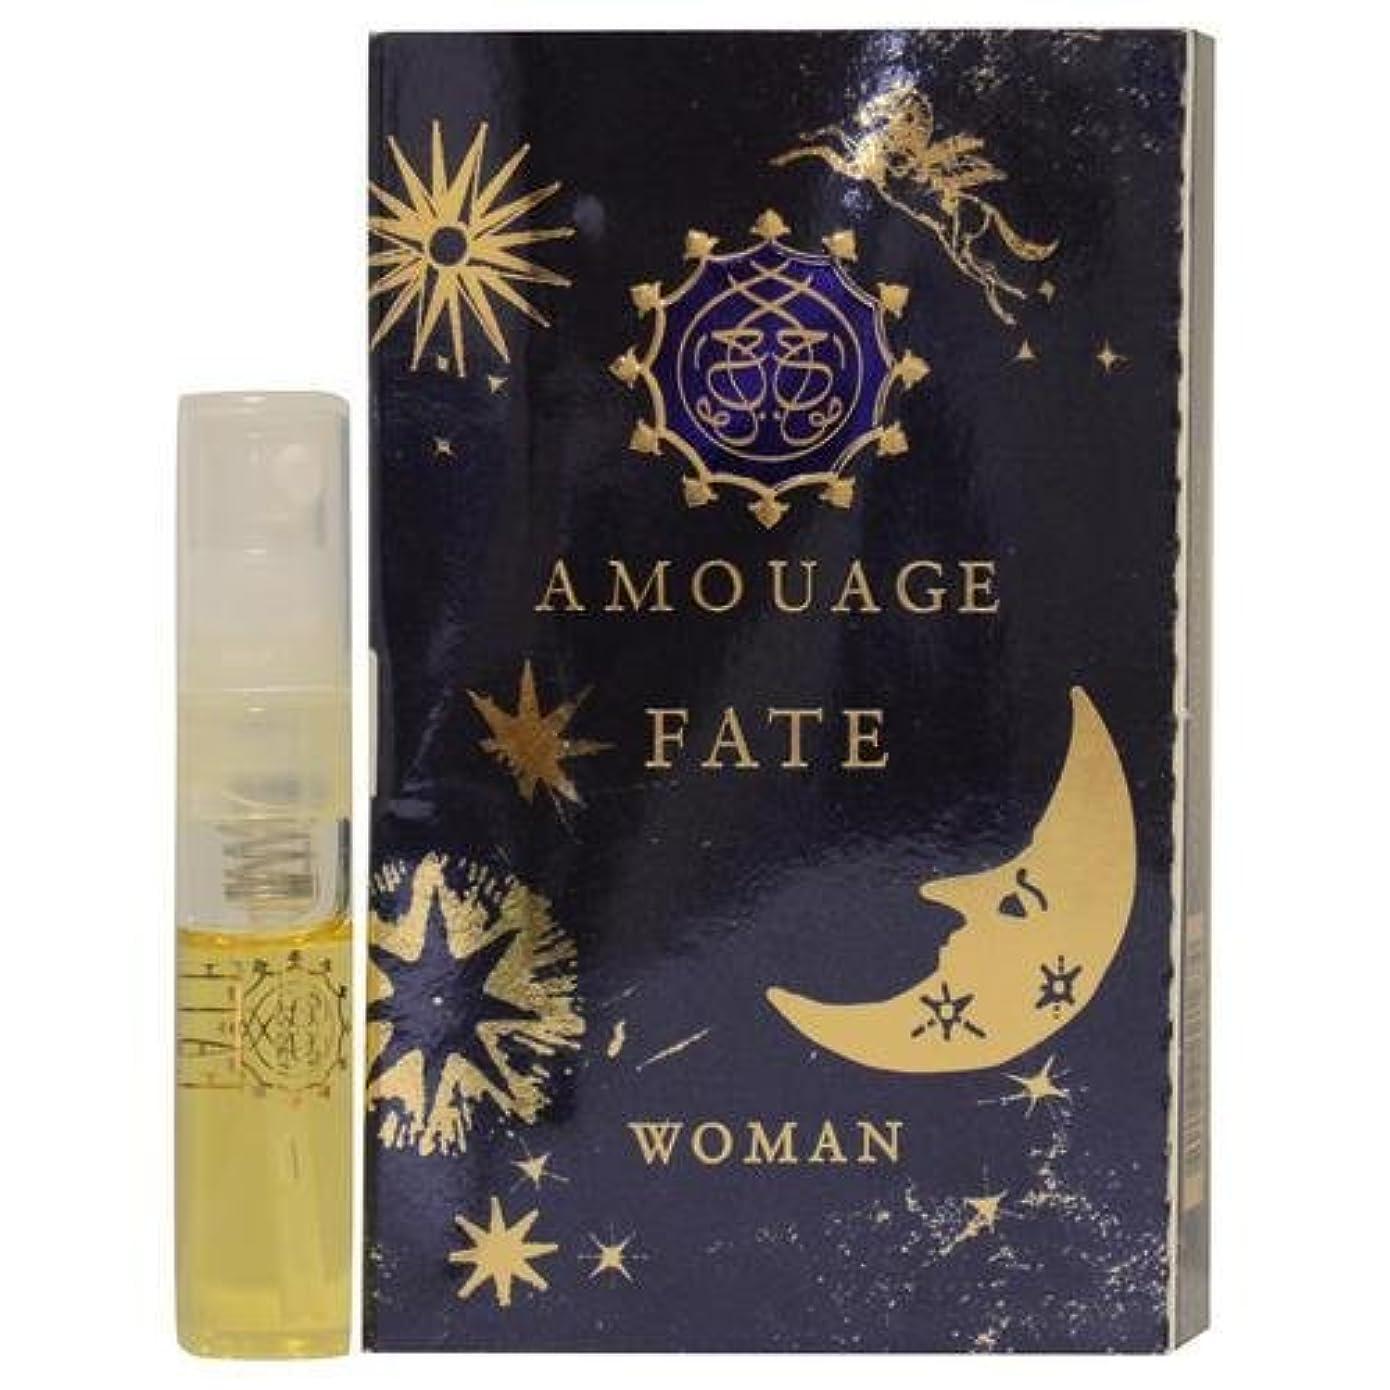 溶けるに対してより多いAmouage Fate Woman EDP Vial Sample(アムアージュ フェイト ウーマン オードパルファン)2ml サンプル